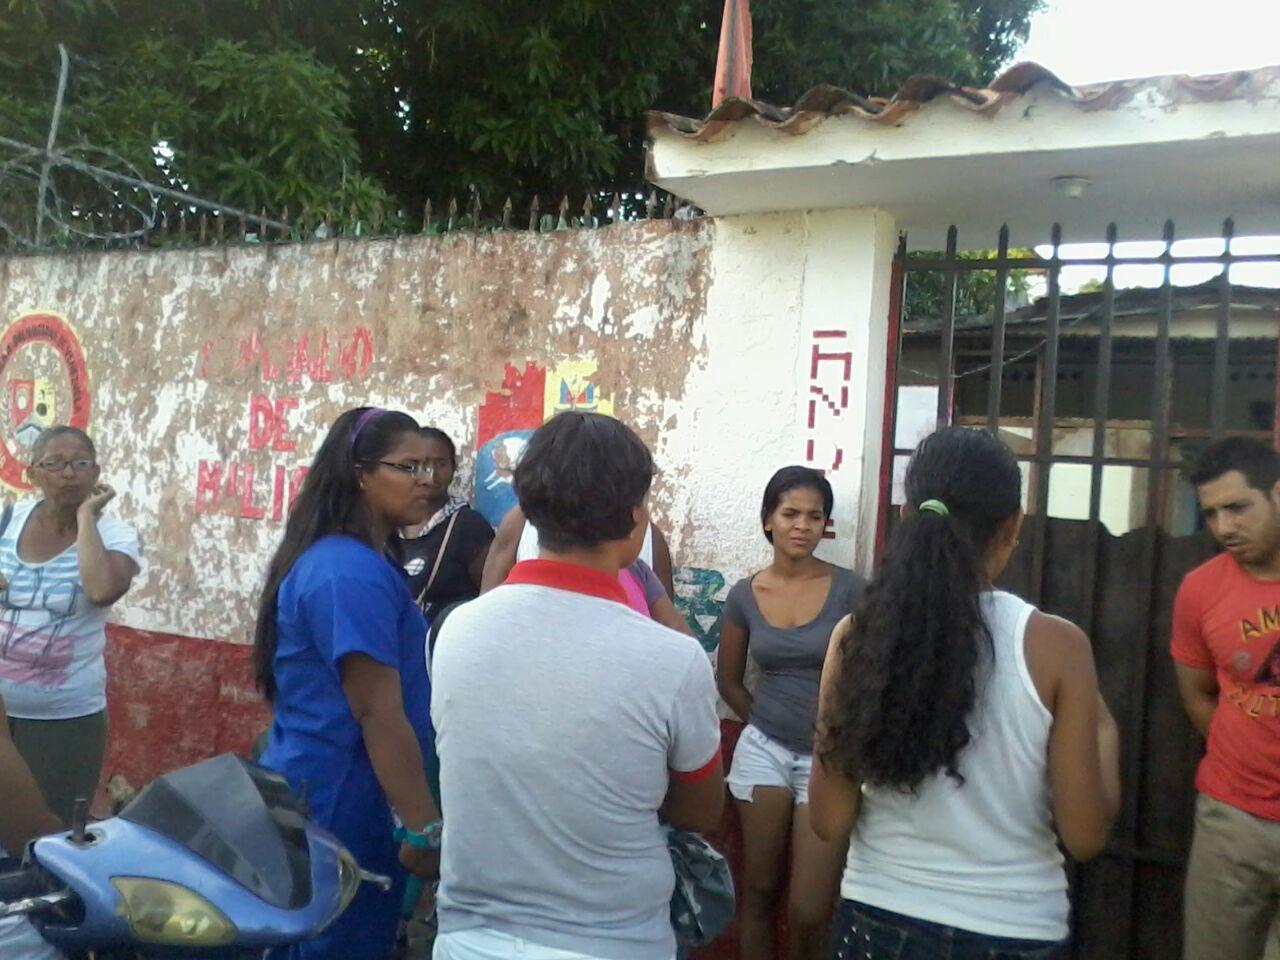 Personas apostadas en la sede de la Milicia en San Jose de Rio Chico en espera de respuesta por la promesa incumplida